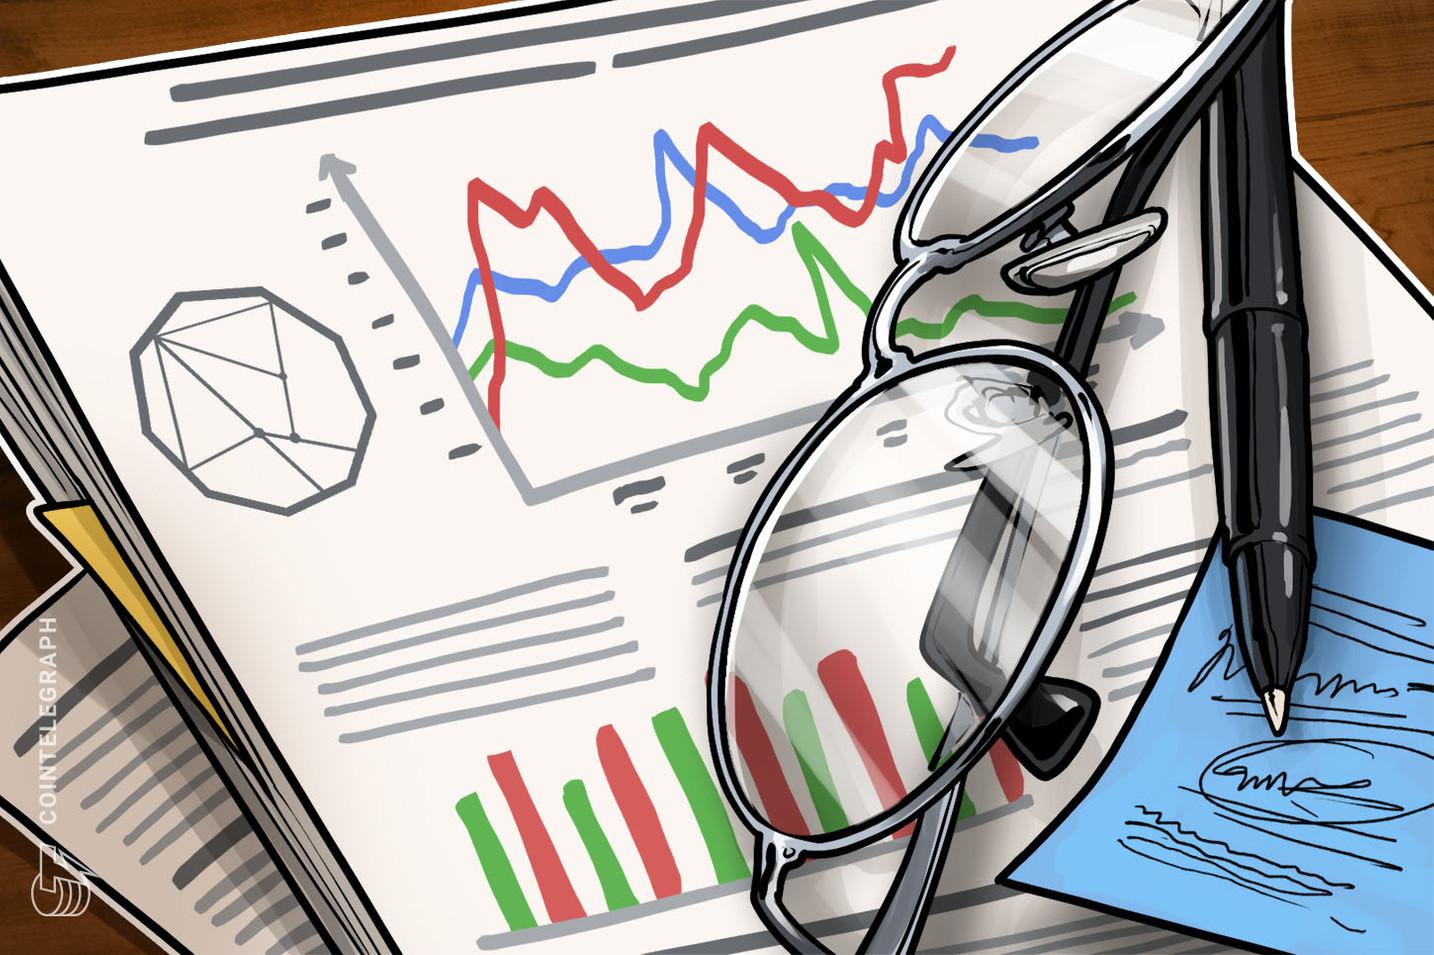 Tether afirma haber aumentado los activos totales en USD 21 mil millones en una nueva revisión contable